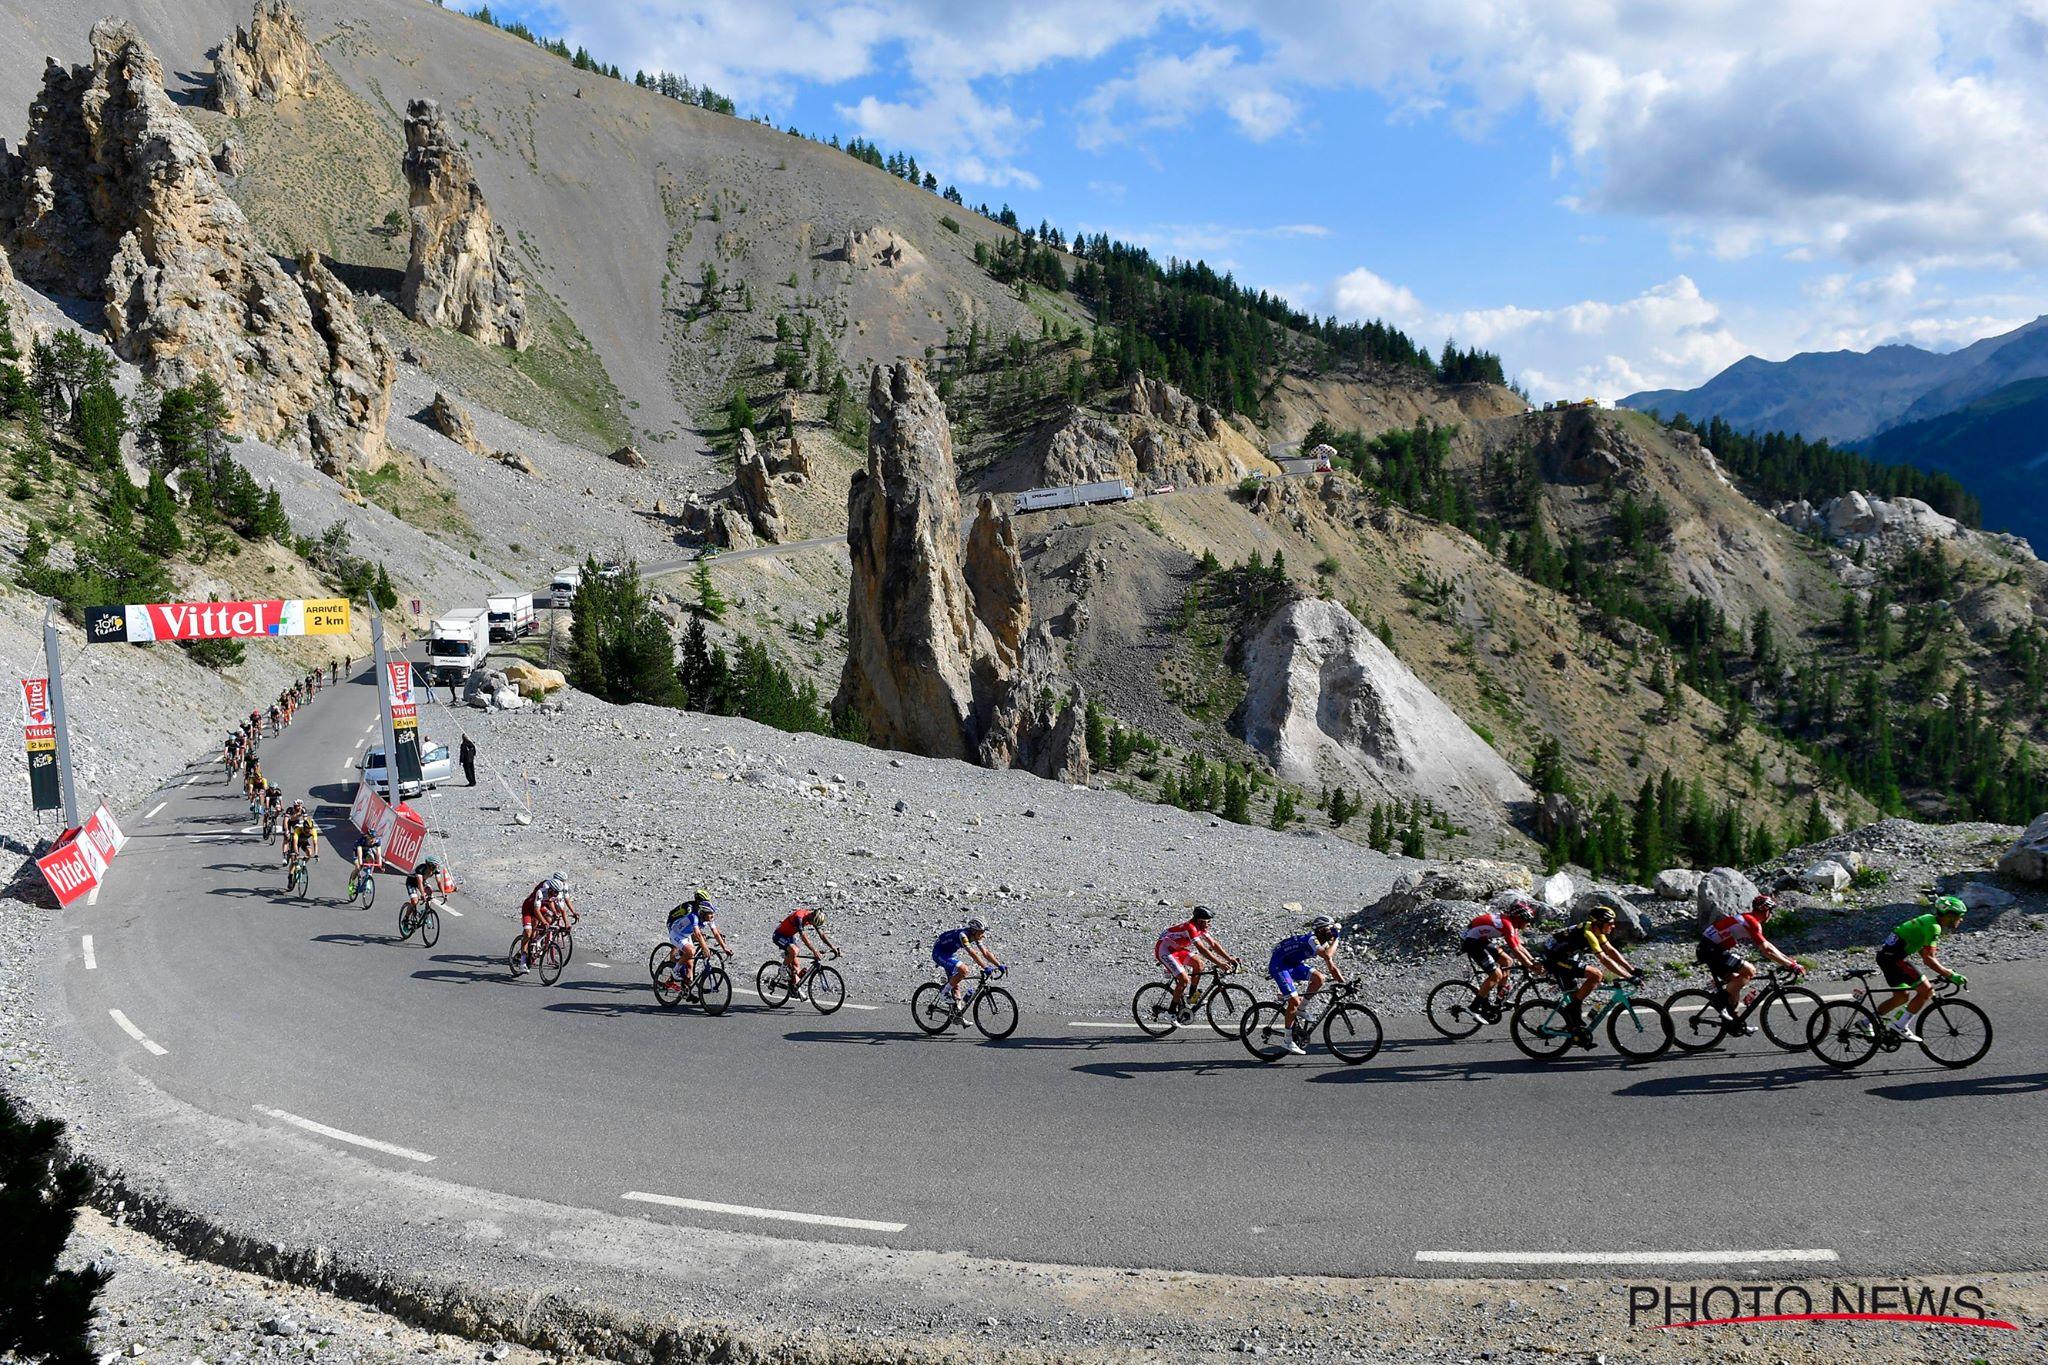 Le peloton s'étire sur les lacets du Col de l'Izoard qui accueille sa première arrivée d'une étape du Tour de France. © Photo News